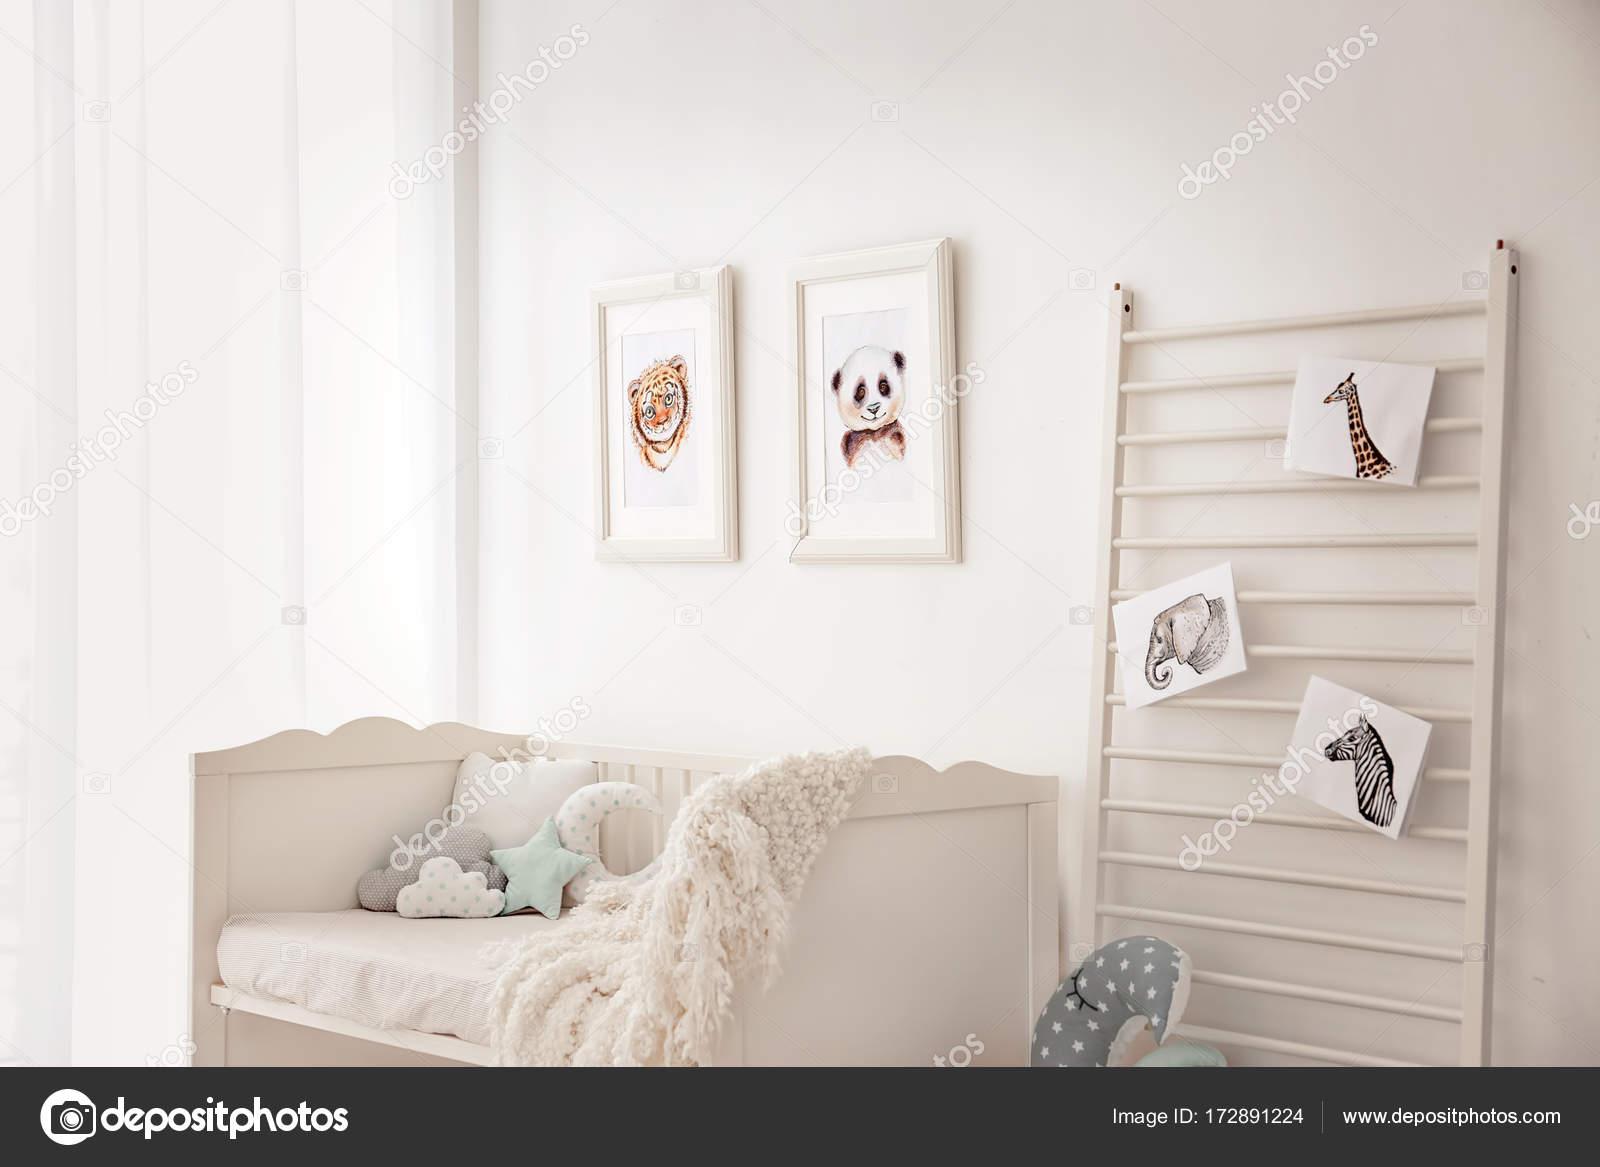 Leuke Ingerichte Slaapkamers : Baby slaapkamer met fotos van dieren u2014 stockfoto © belchonock